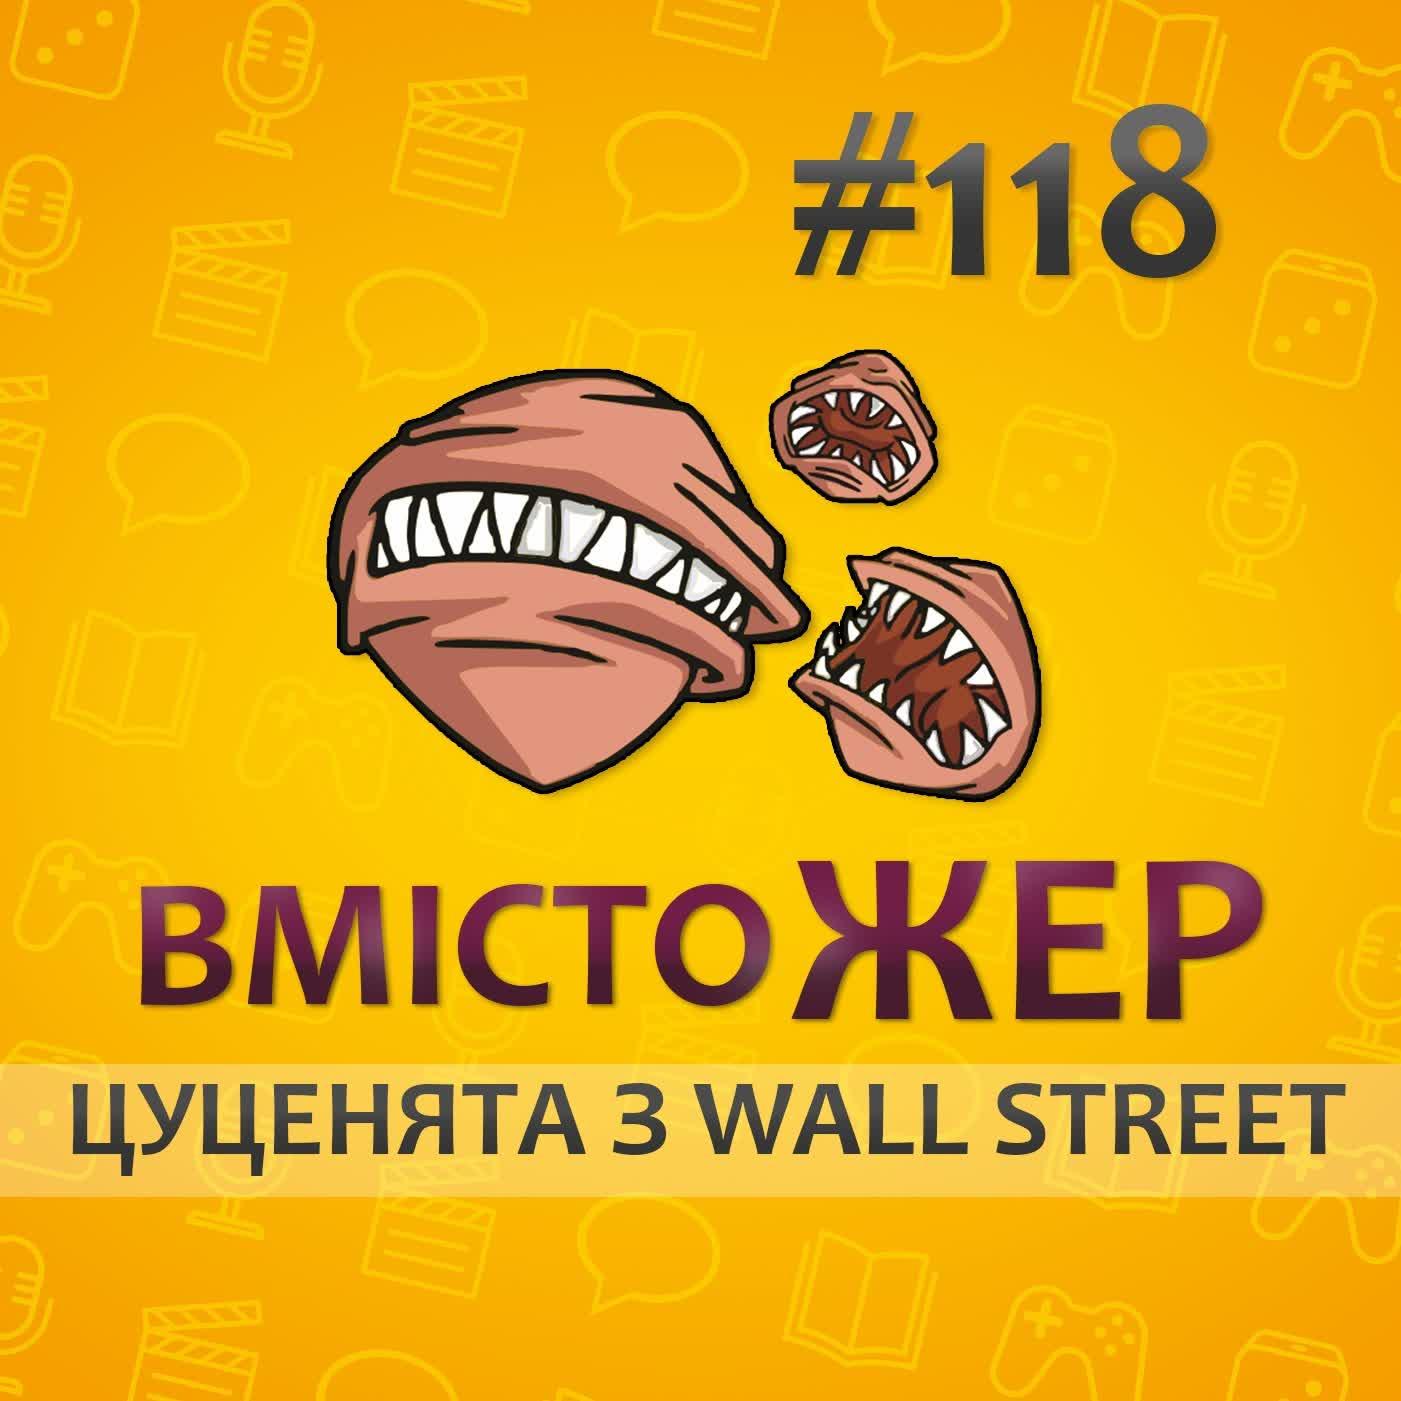 Вмістожер 118 — ЦУЦЕНЯТА З WALL STREET